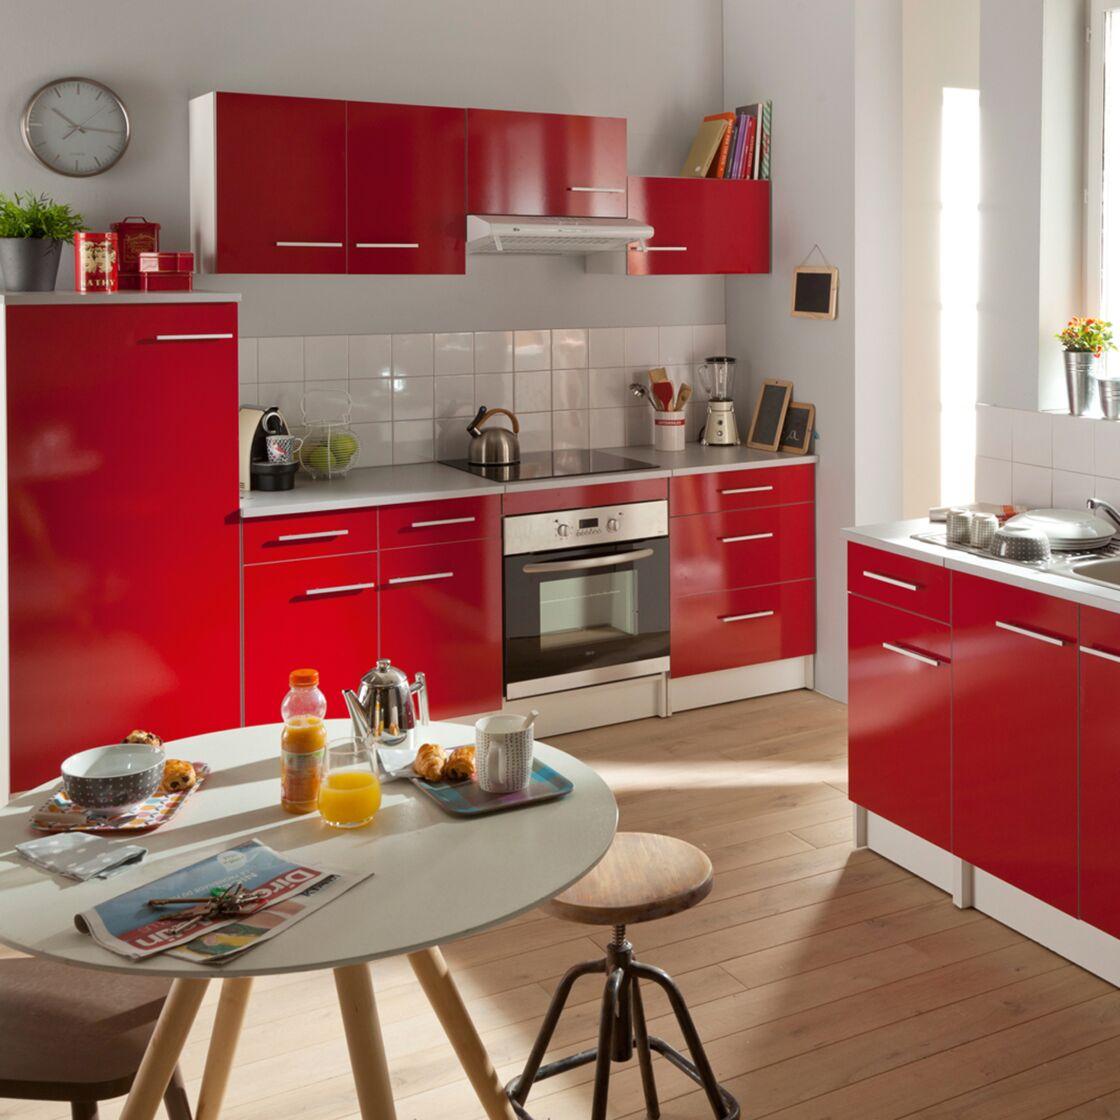 cuisines conforama nos mod les pr f r s femme actuelle le mag. Black Bedroom Furniture Sets. Home Design Ideas